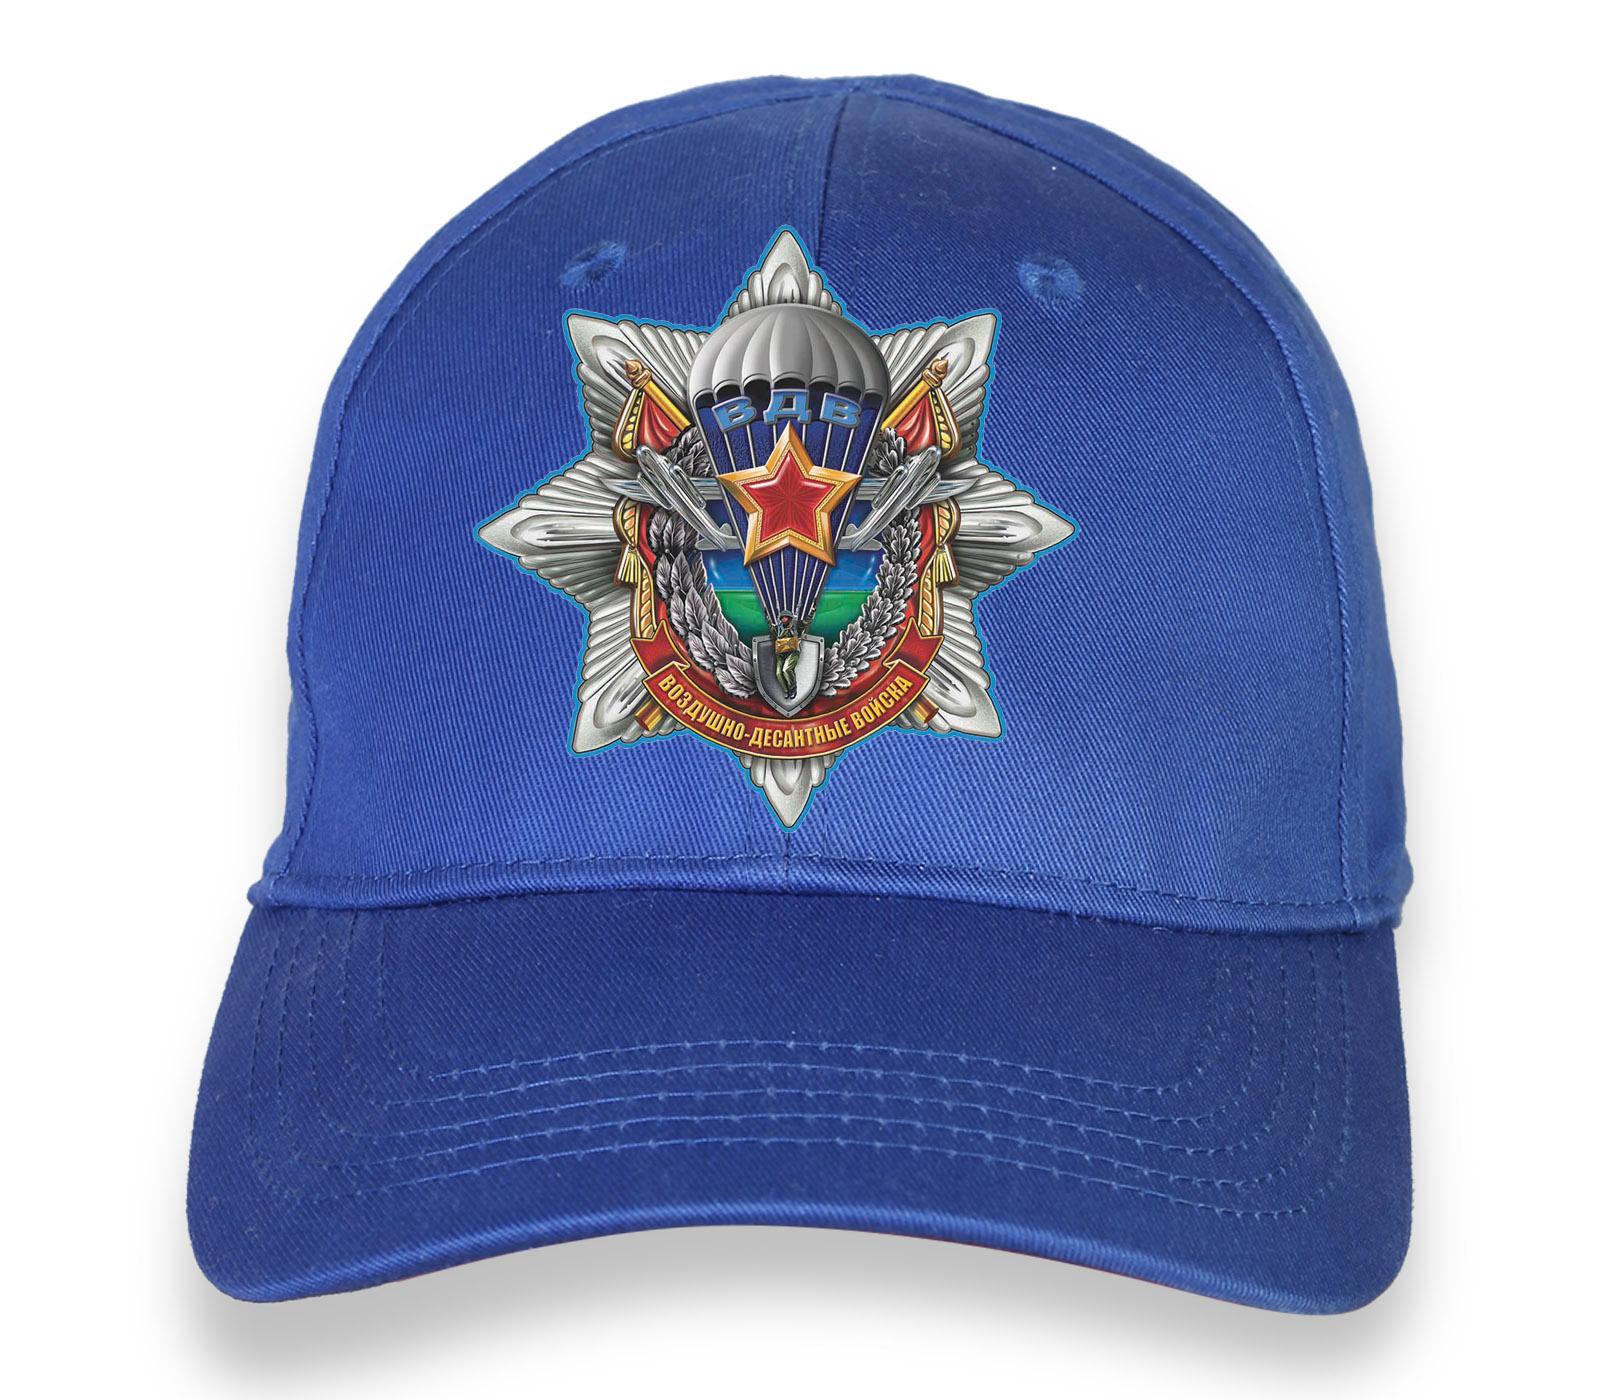 Купить стильную синюю бейсболку с термотрансфером ВДВ по лучшей цене